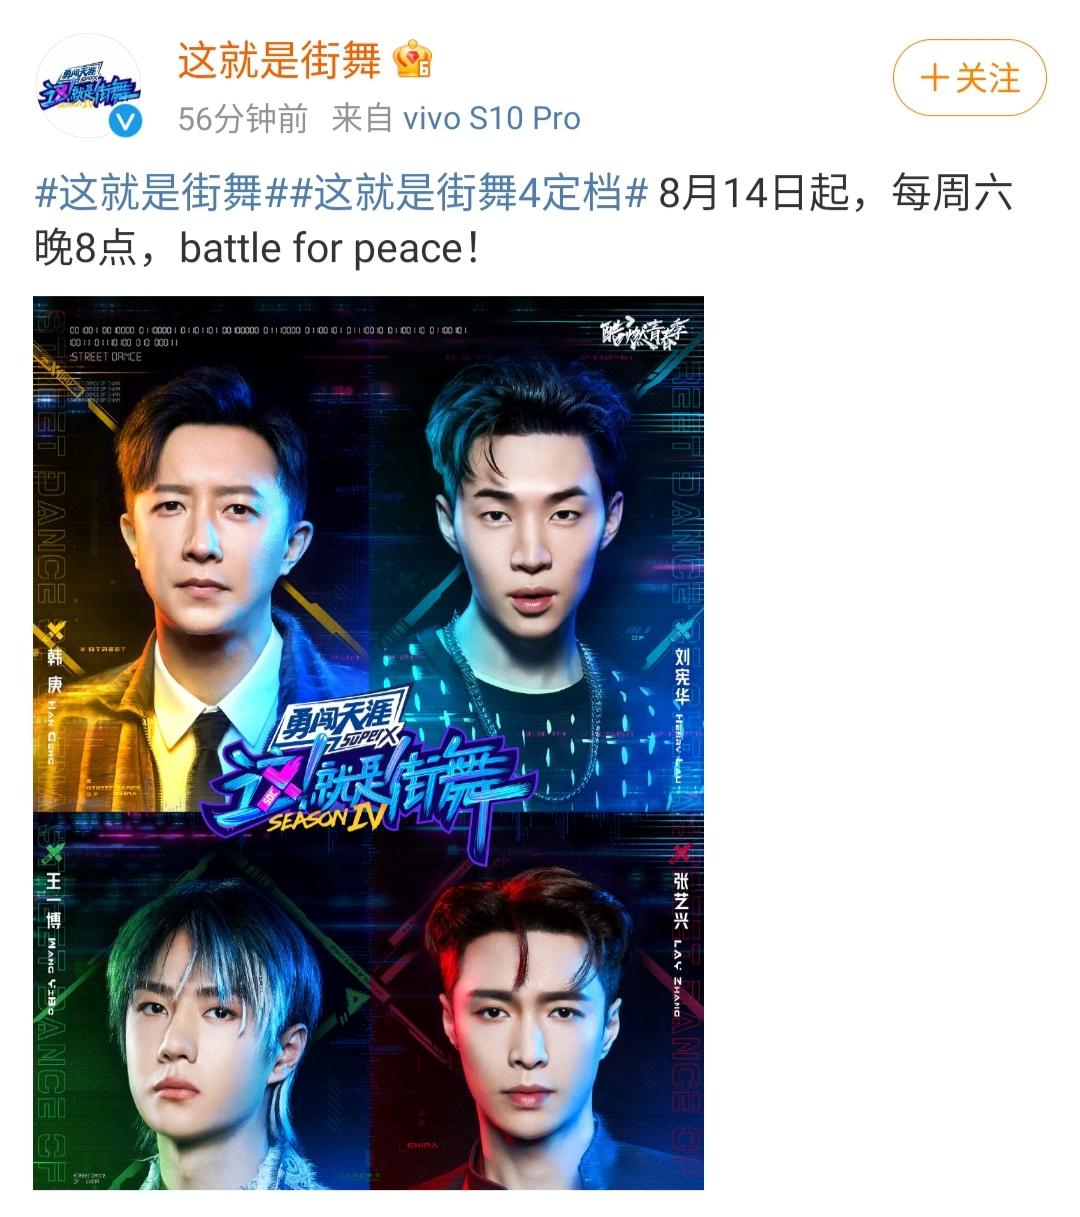 《这就是街舞4》终于定档了!8月14日起…张艺兴、王一博、刘宪华、韩庚燃炸回归!-Woah.MY